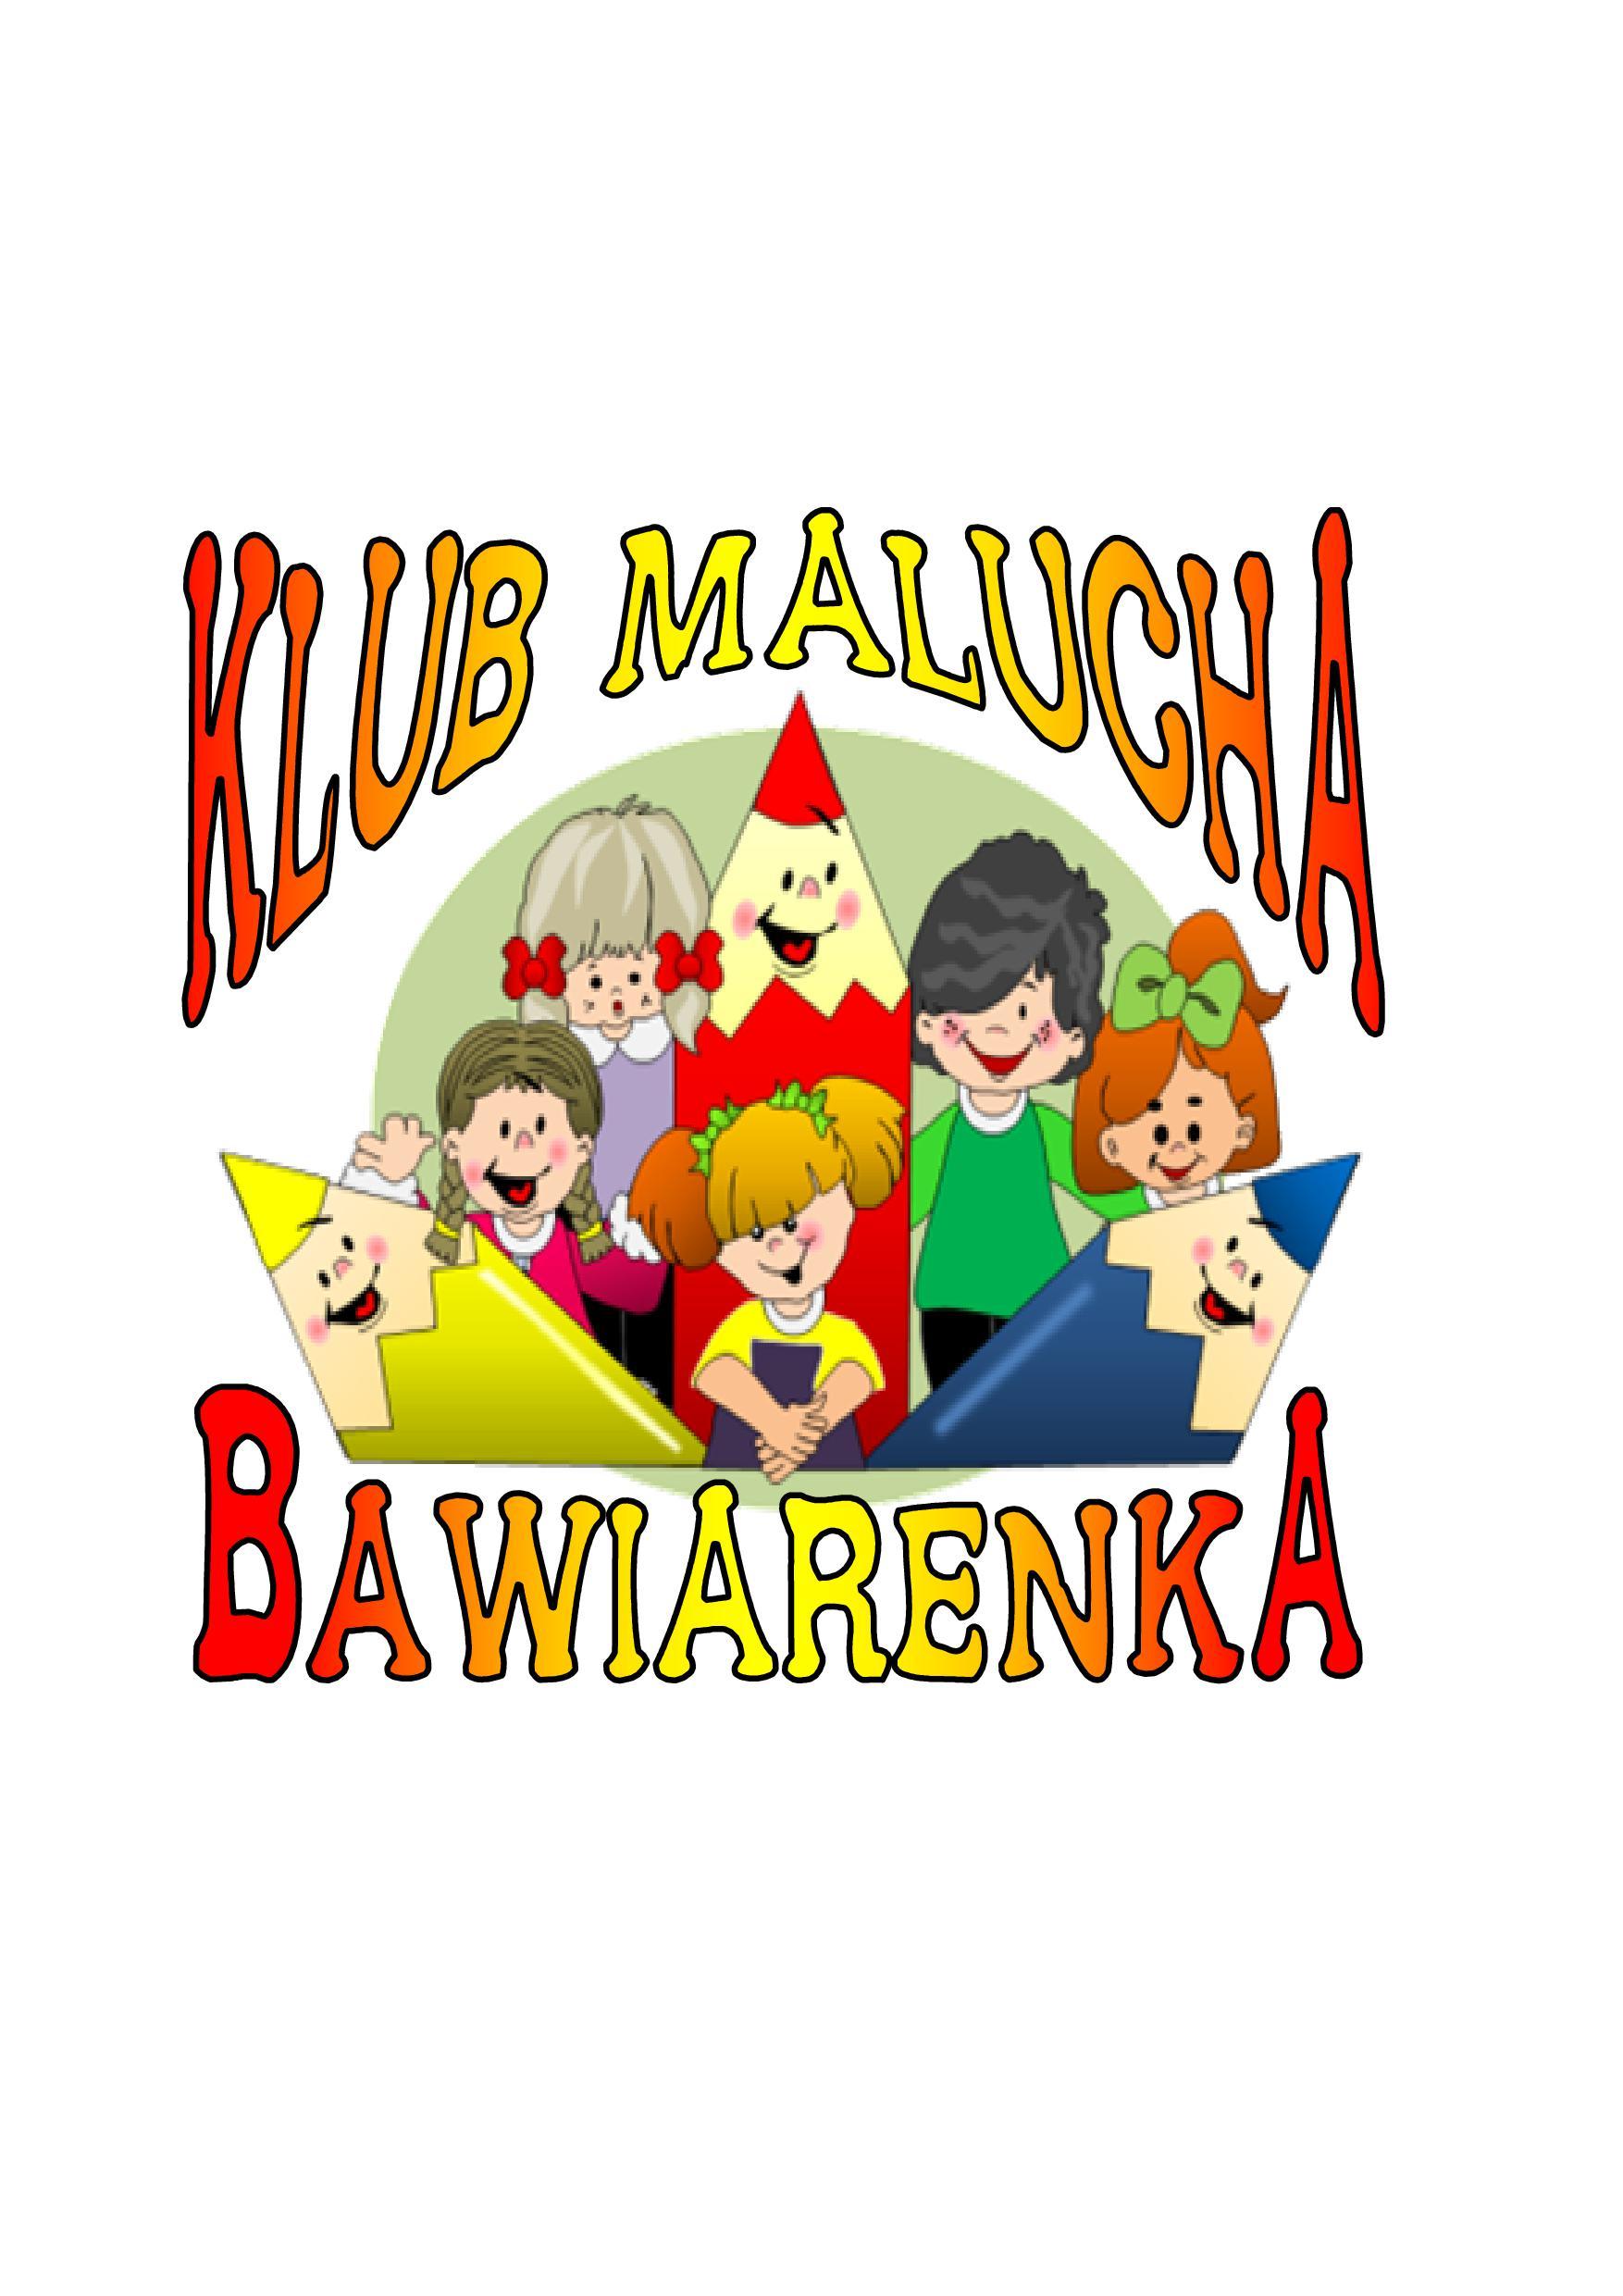 zajęcia Bawiarenka logo